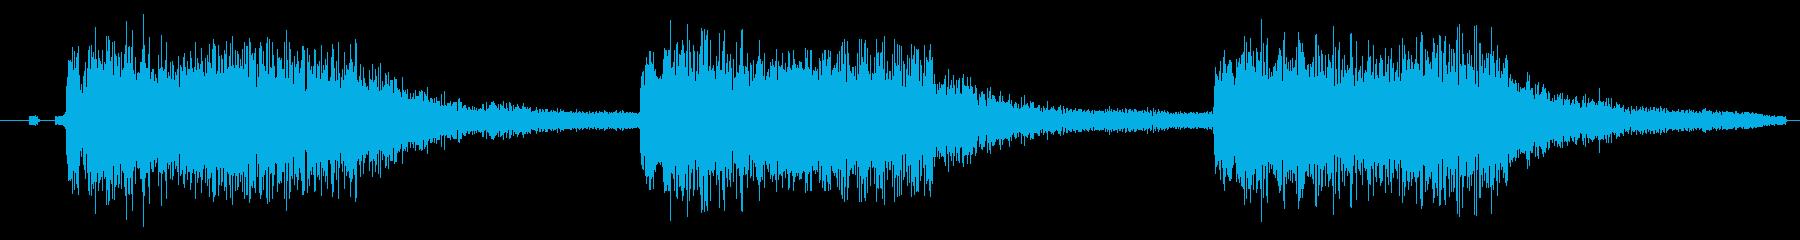 注意、警告音、警報の効果音です!02の再生済みの波形